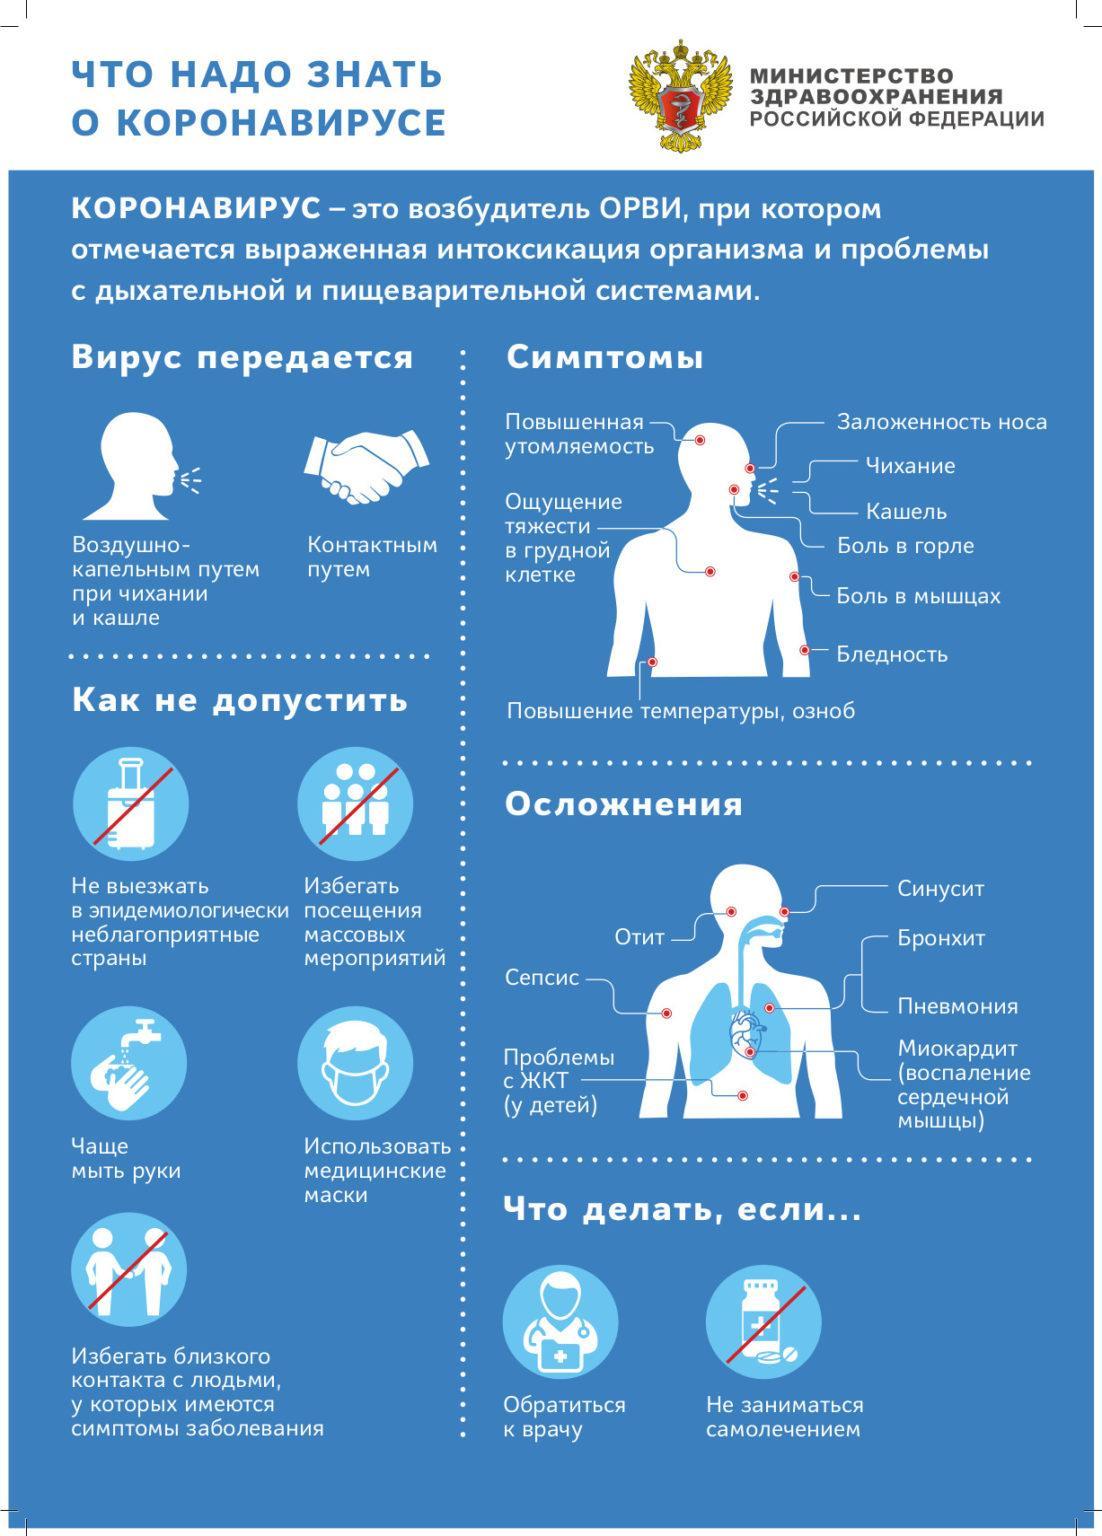 Как защитить себя от коронавируса и не заболеть  COVID-19?